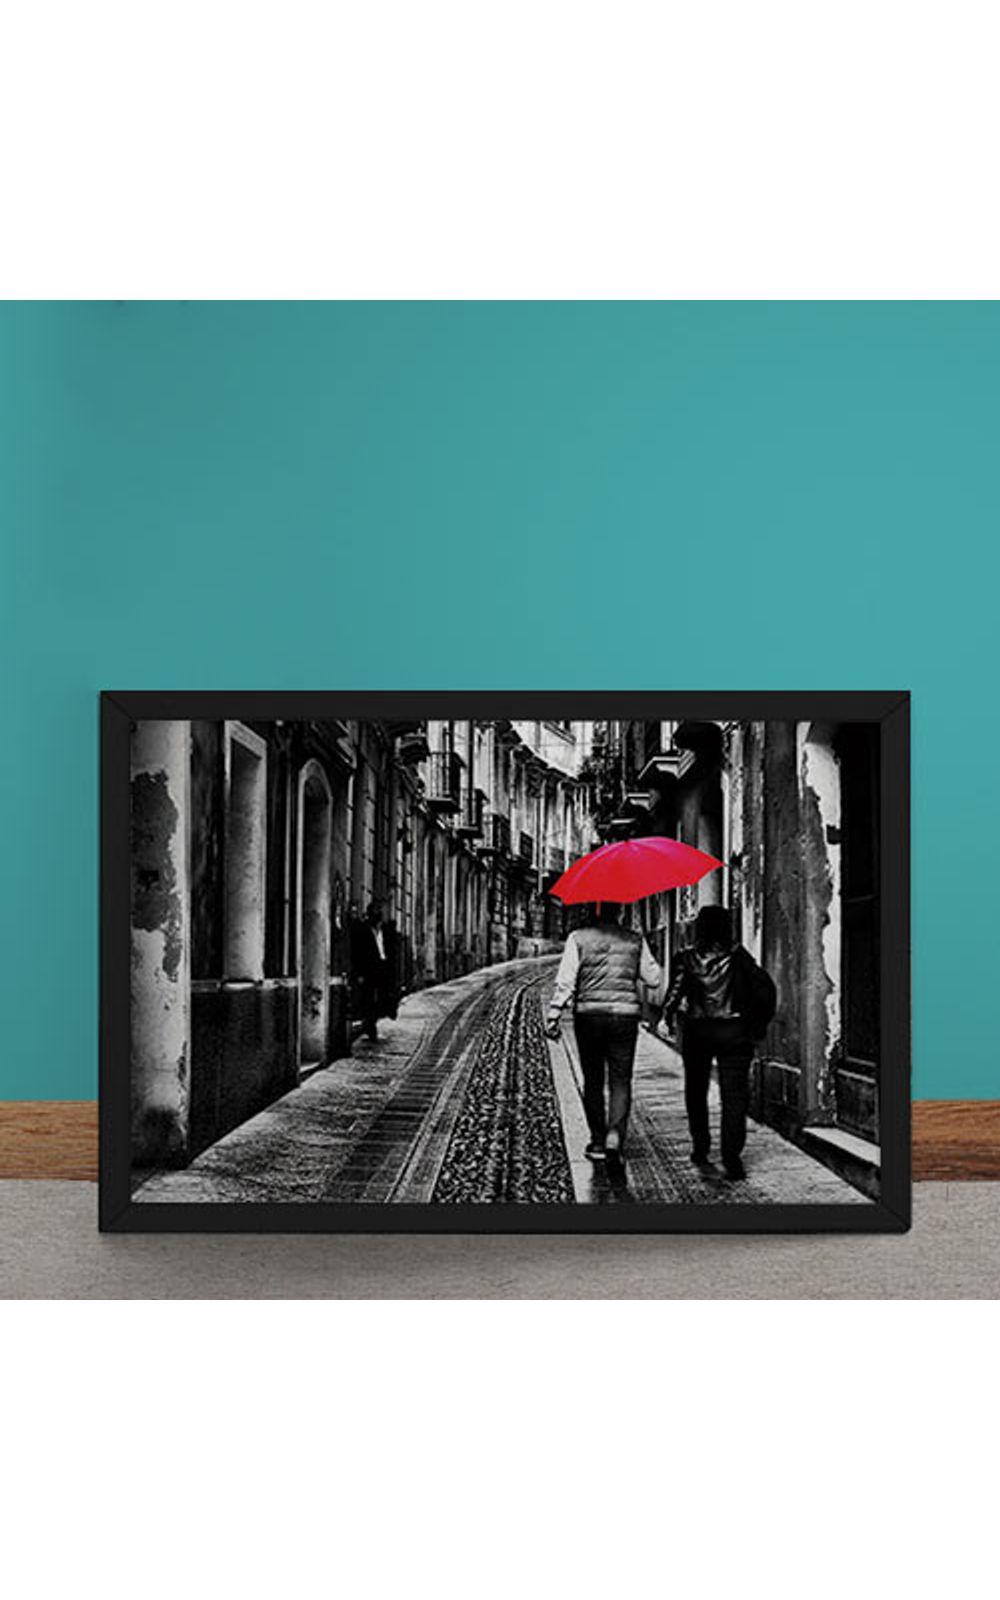 Foto 1 - Quadro Decorativo Casal do Guarda Chuva Vermelho